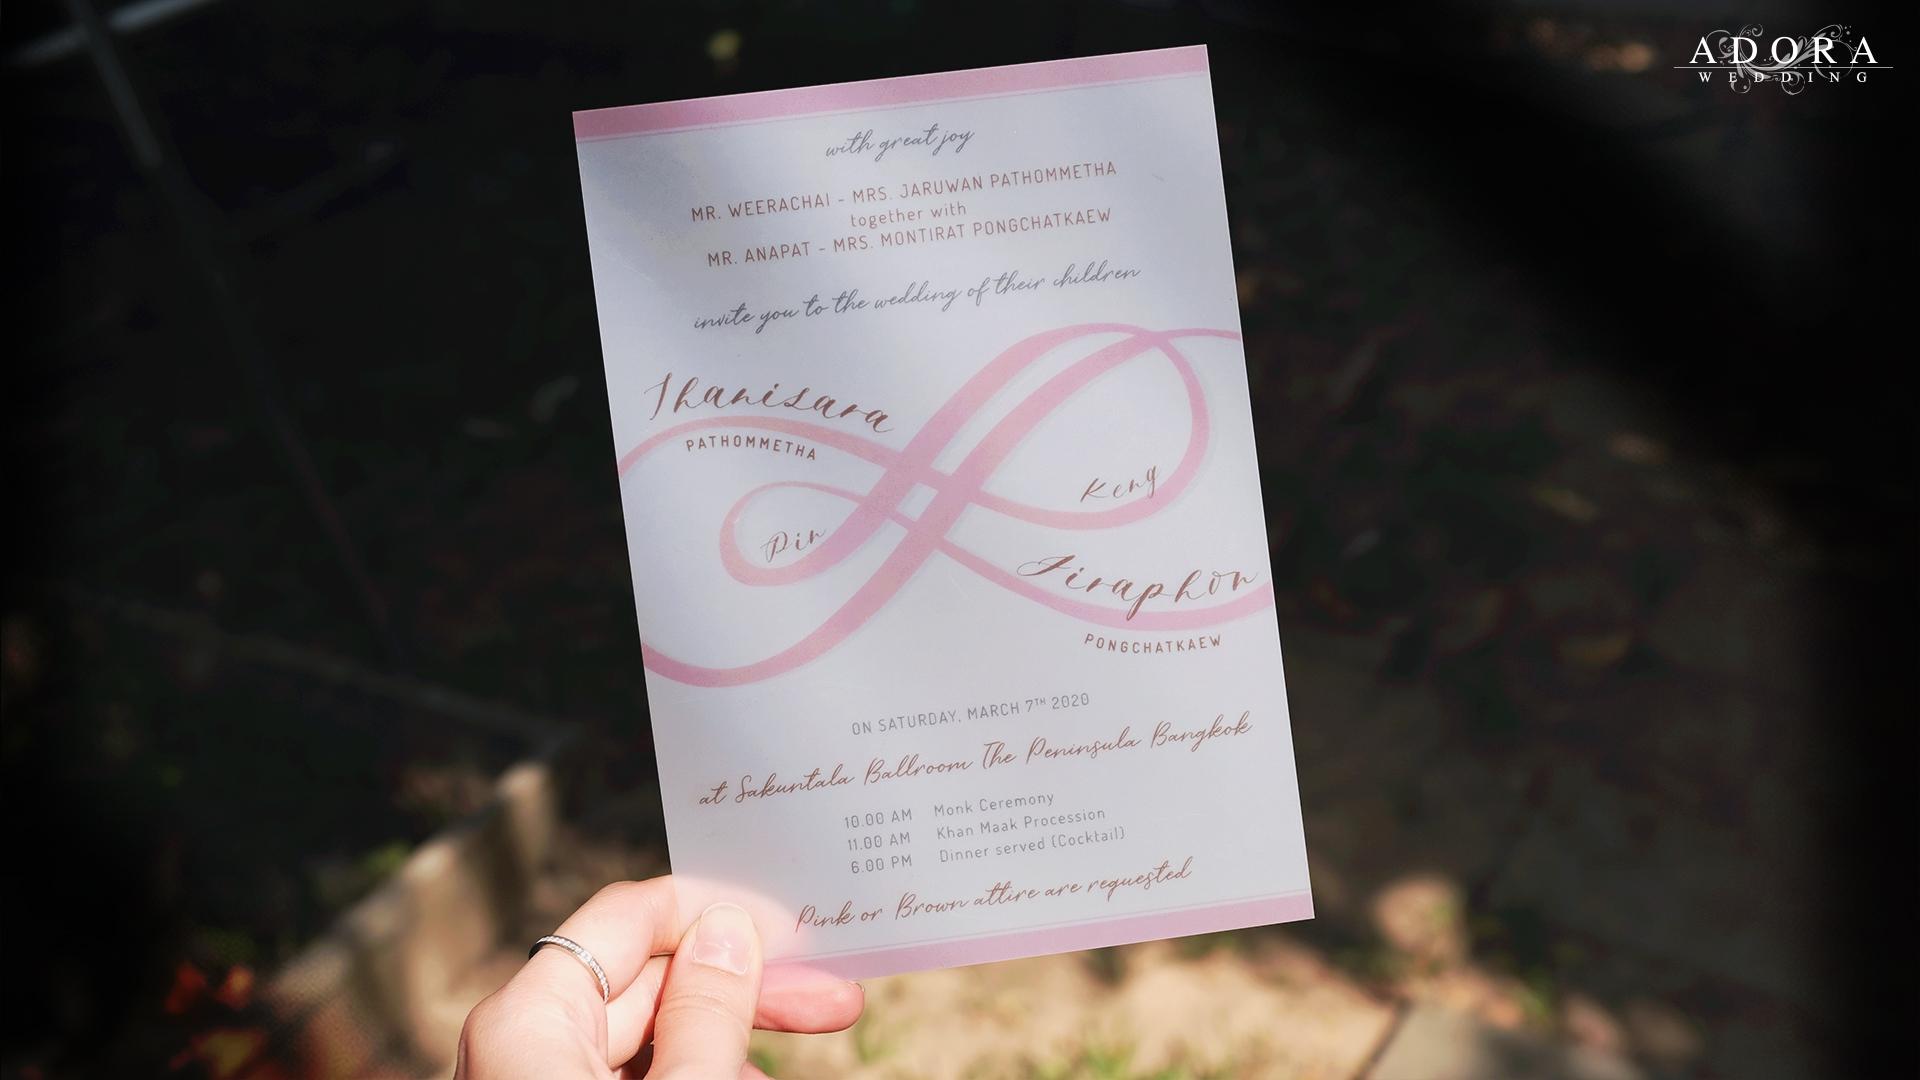 B087LM-wedding-card-5